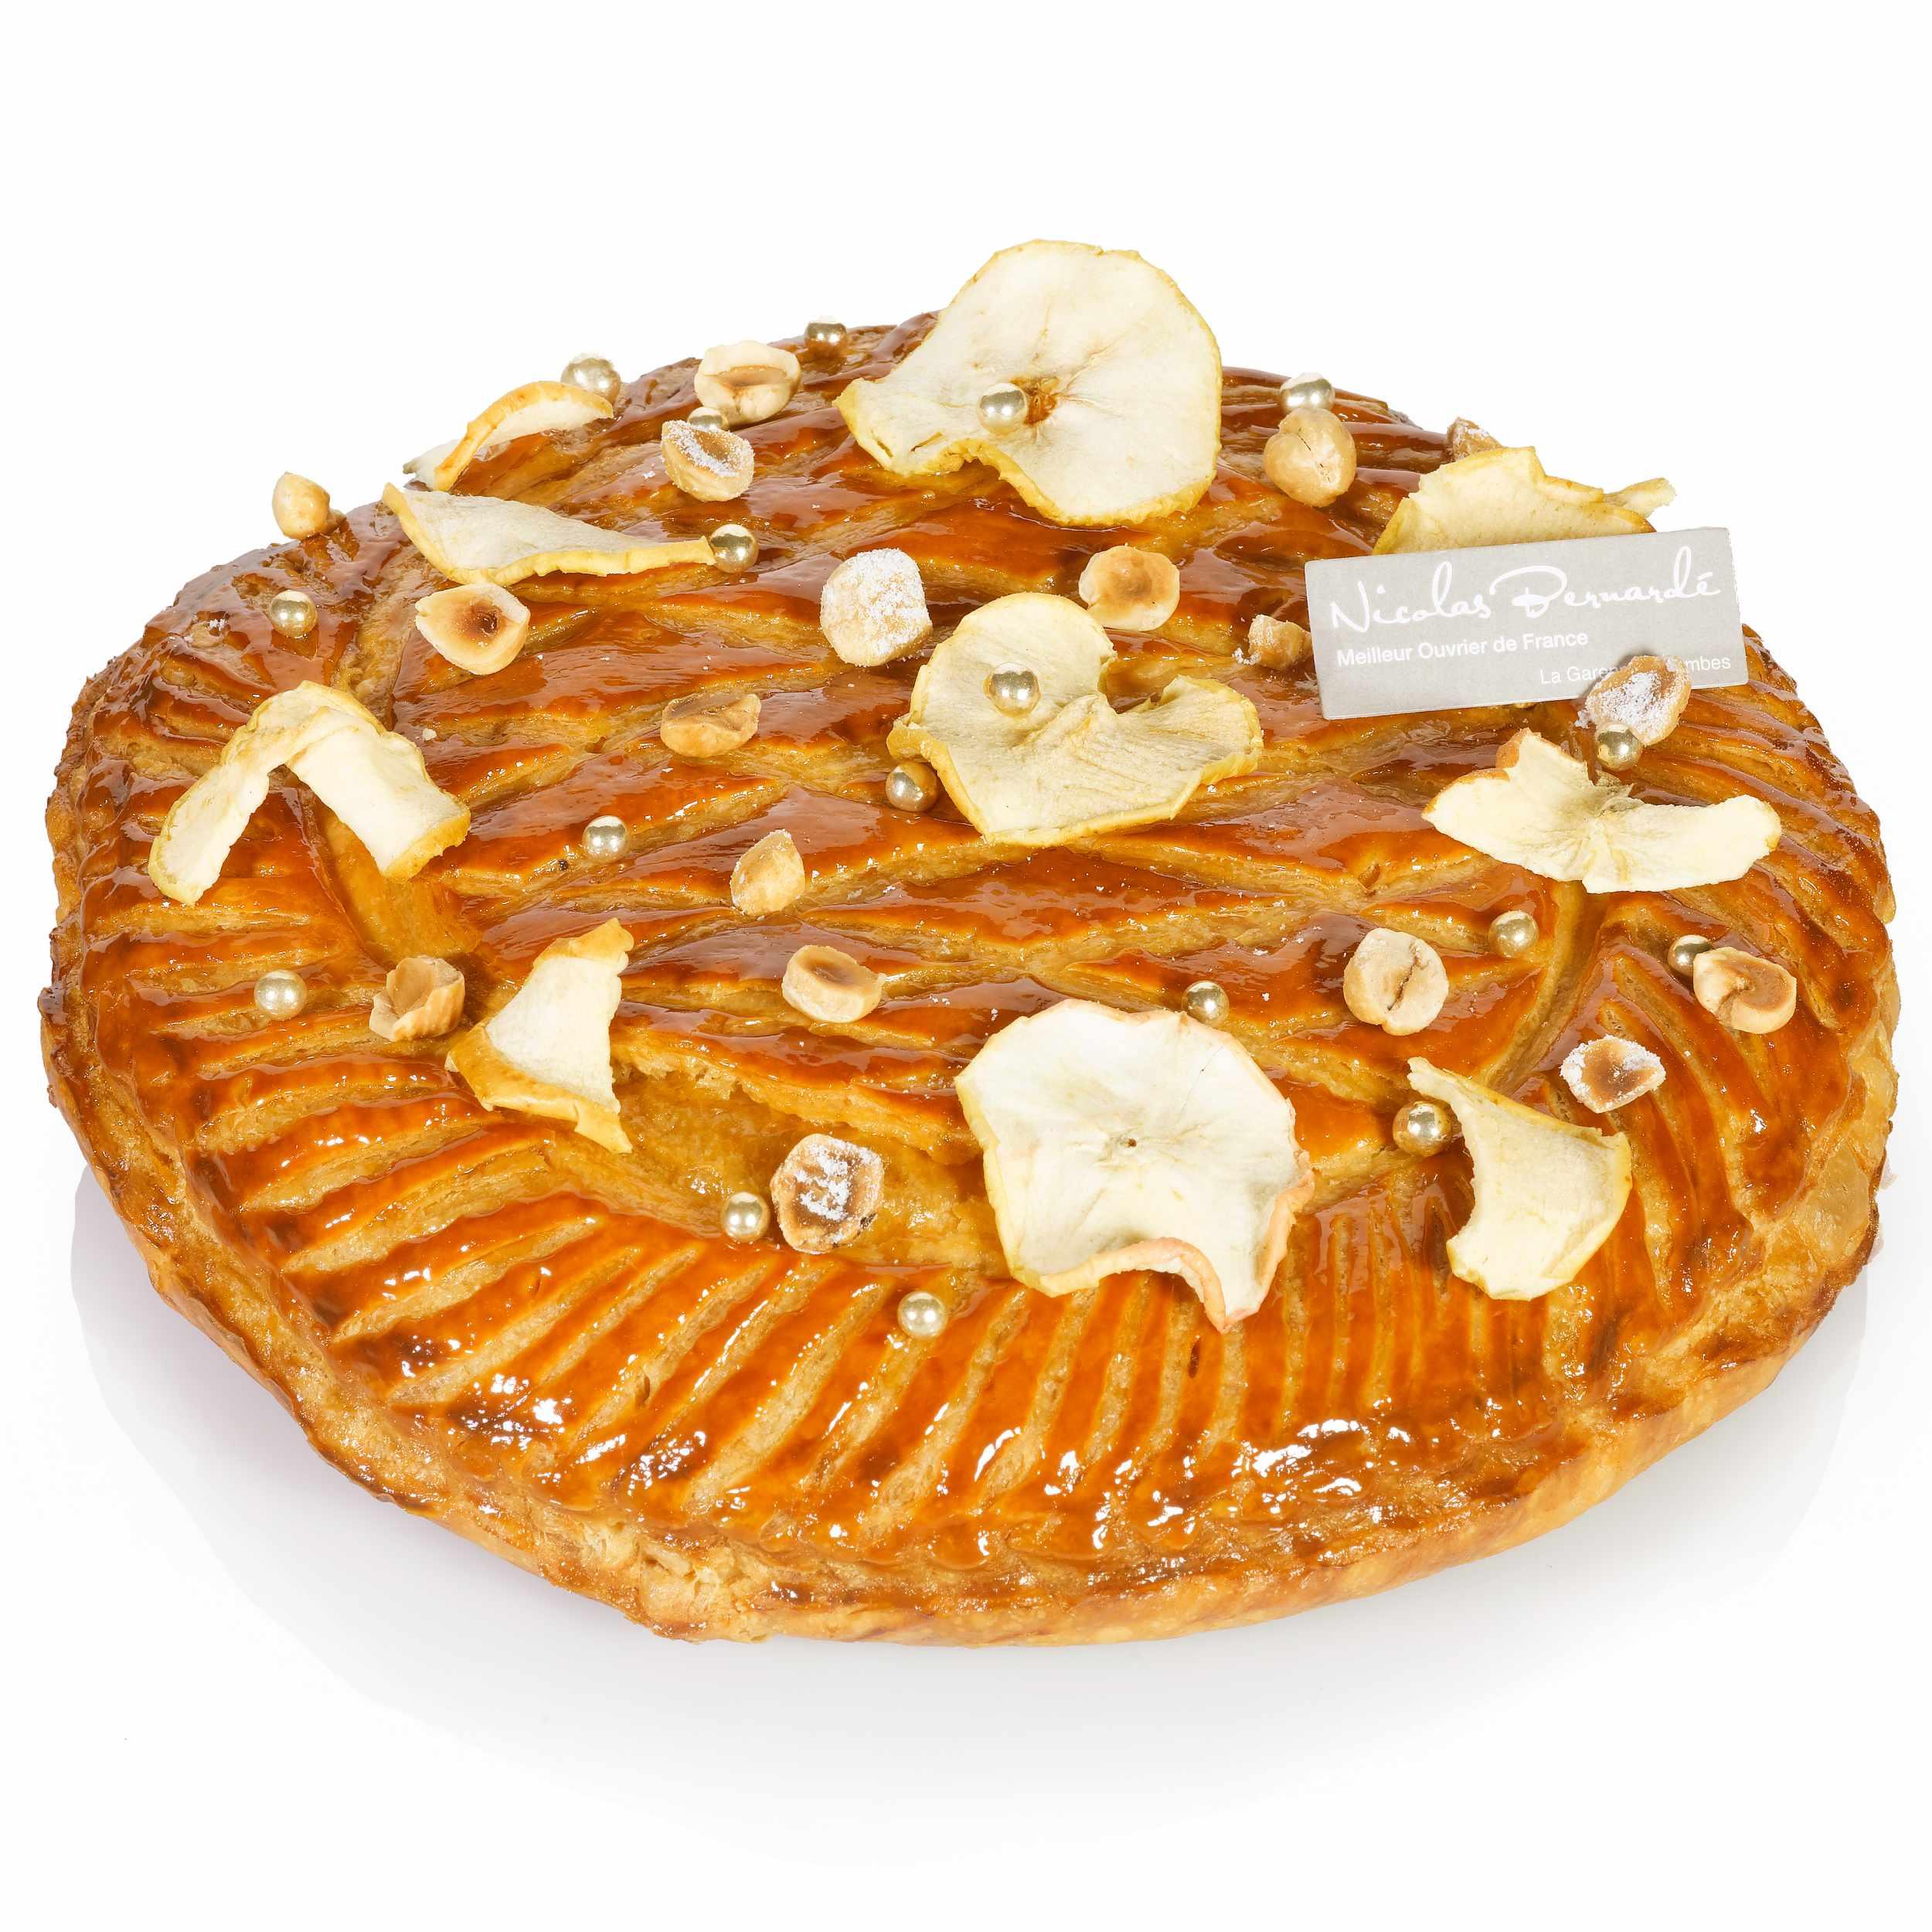 galette-roi-pomme-noisette.jpg